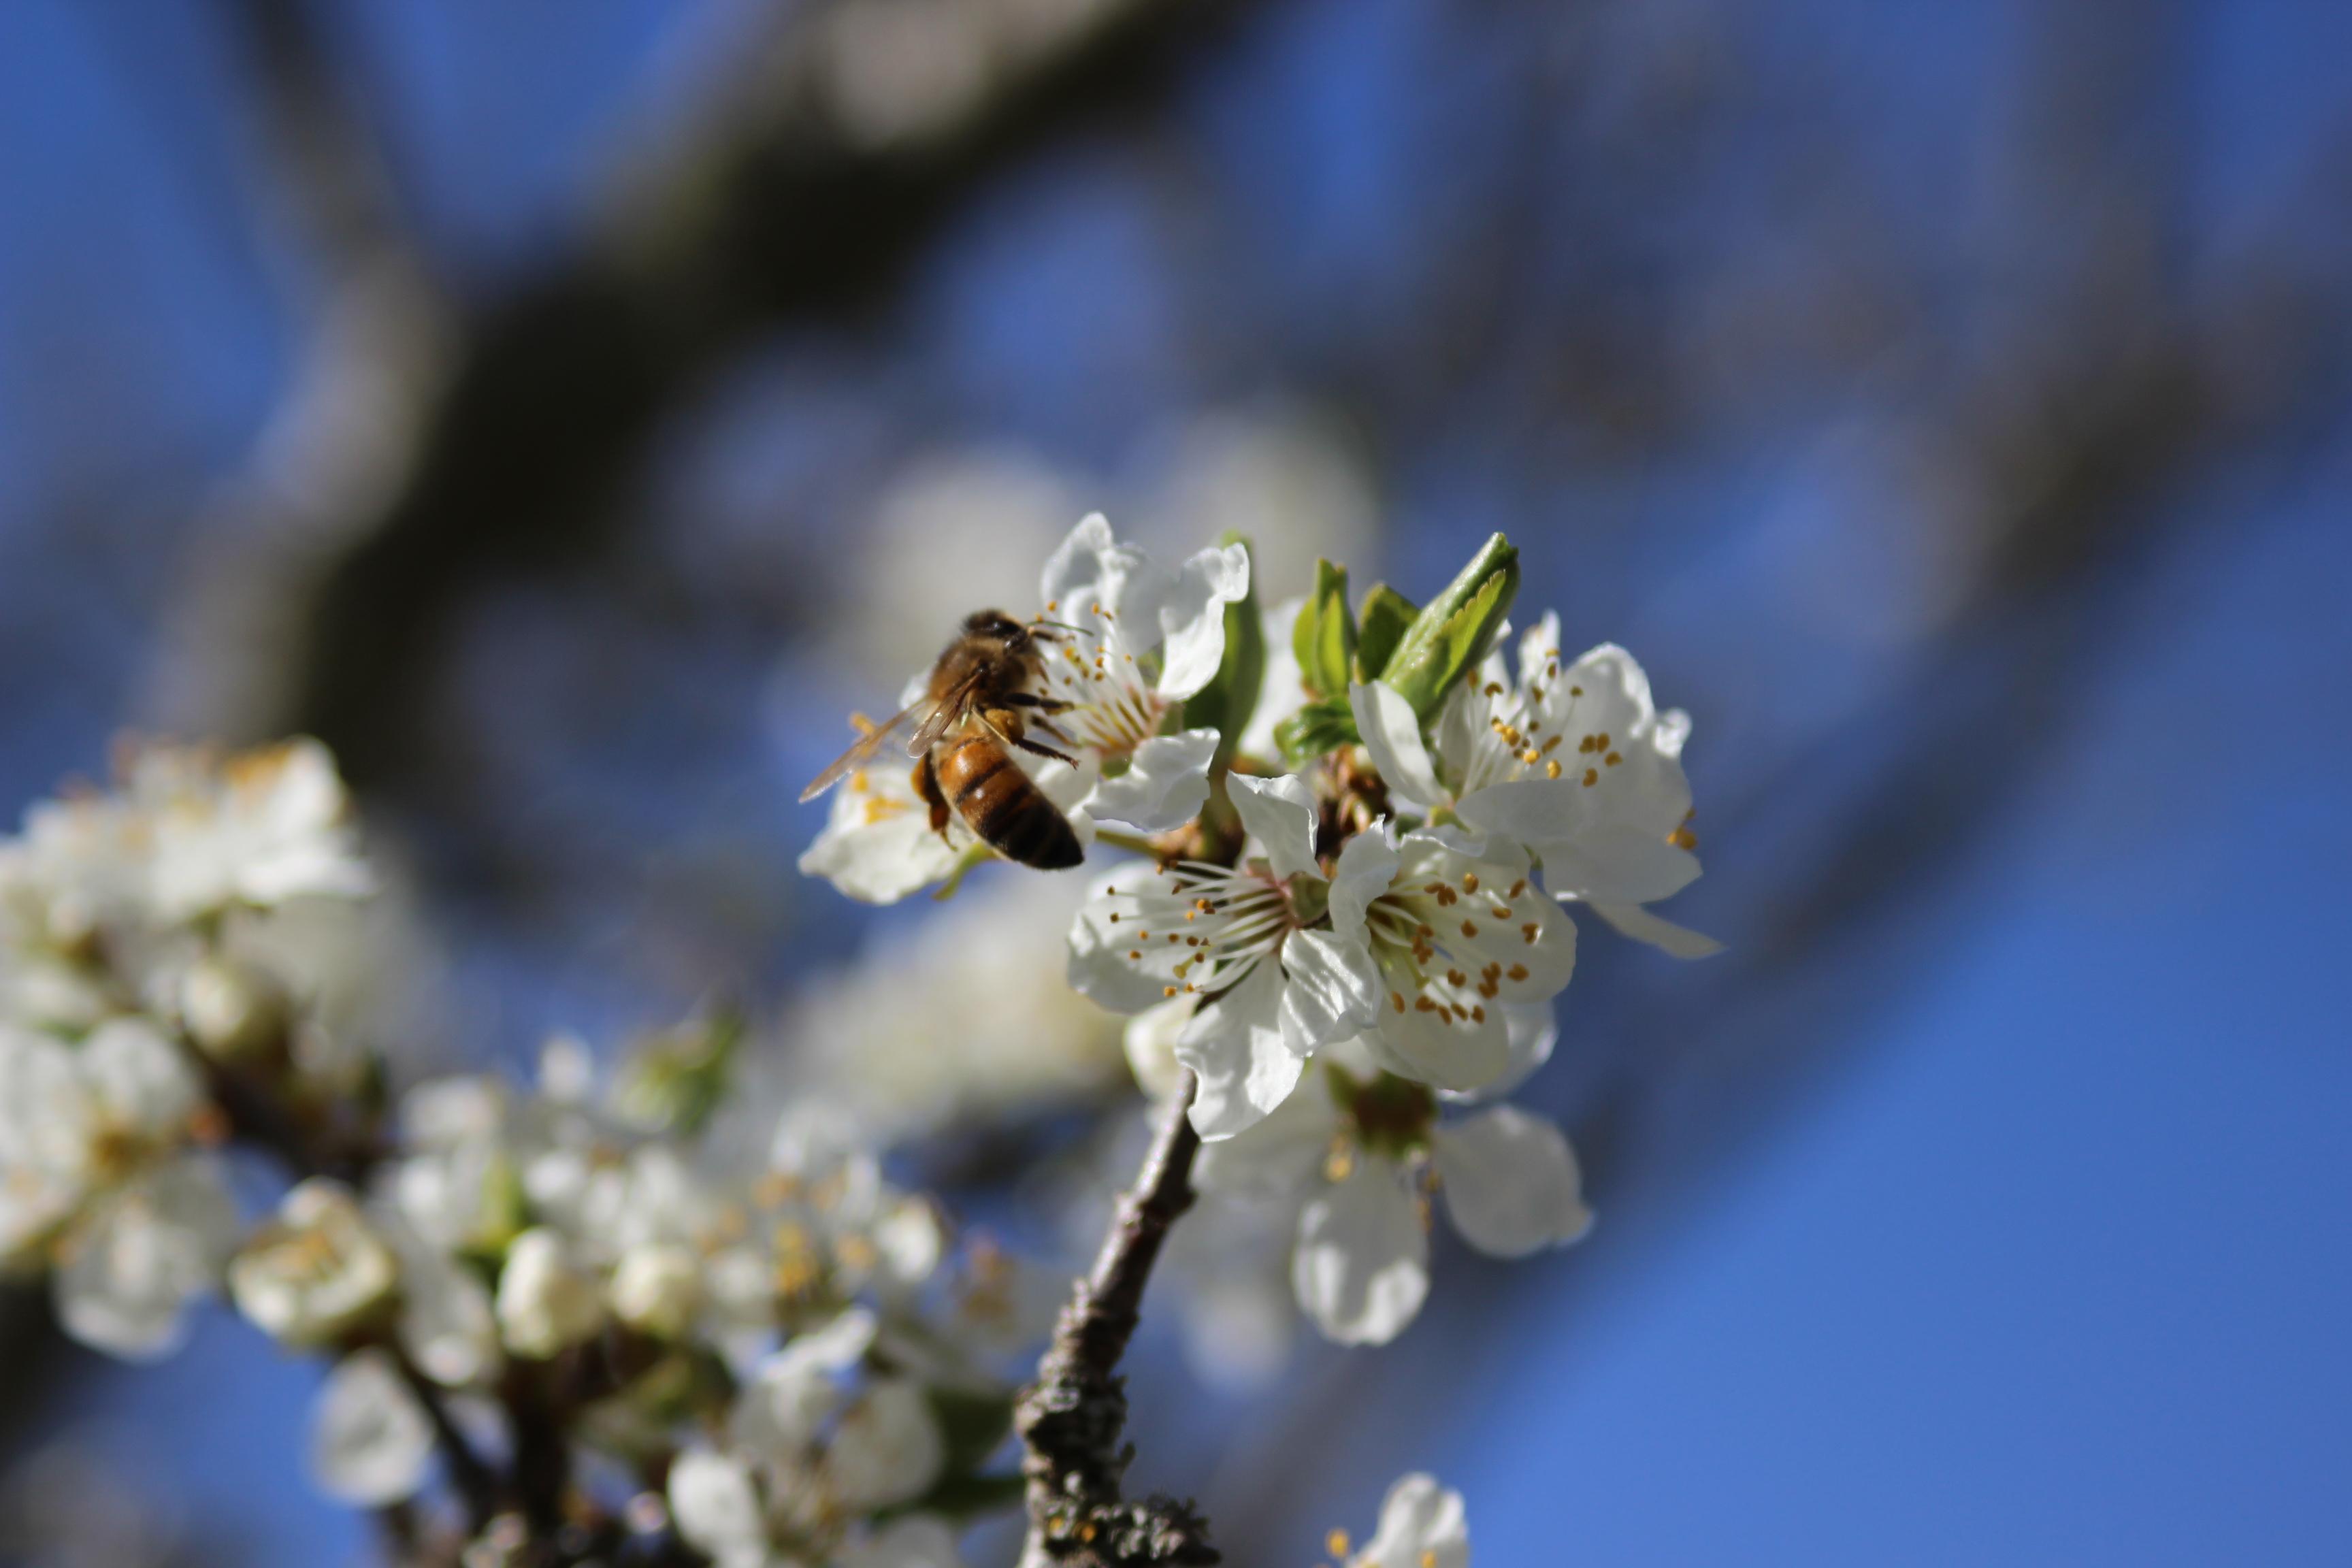 Det hela börjar på våren. Träden beskärs oh så är det bara att vänta på blommningen och låta bin göra sitt jobb.